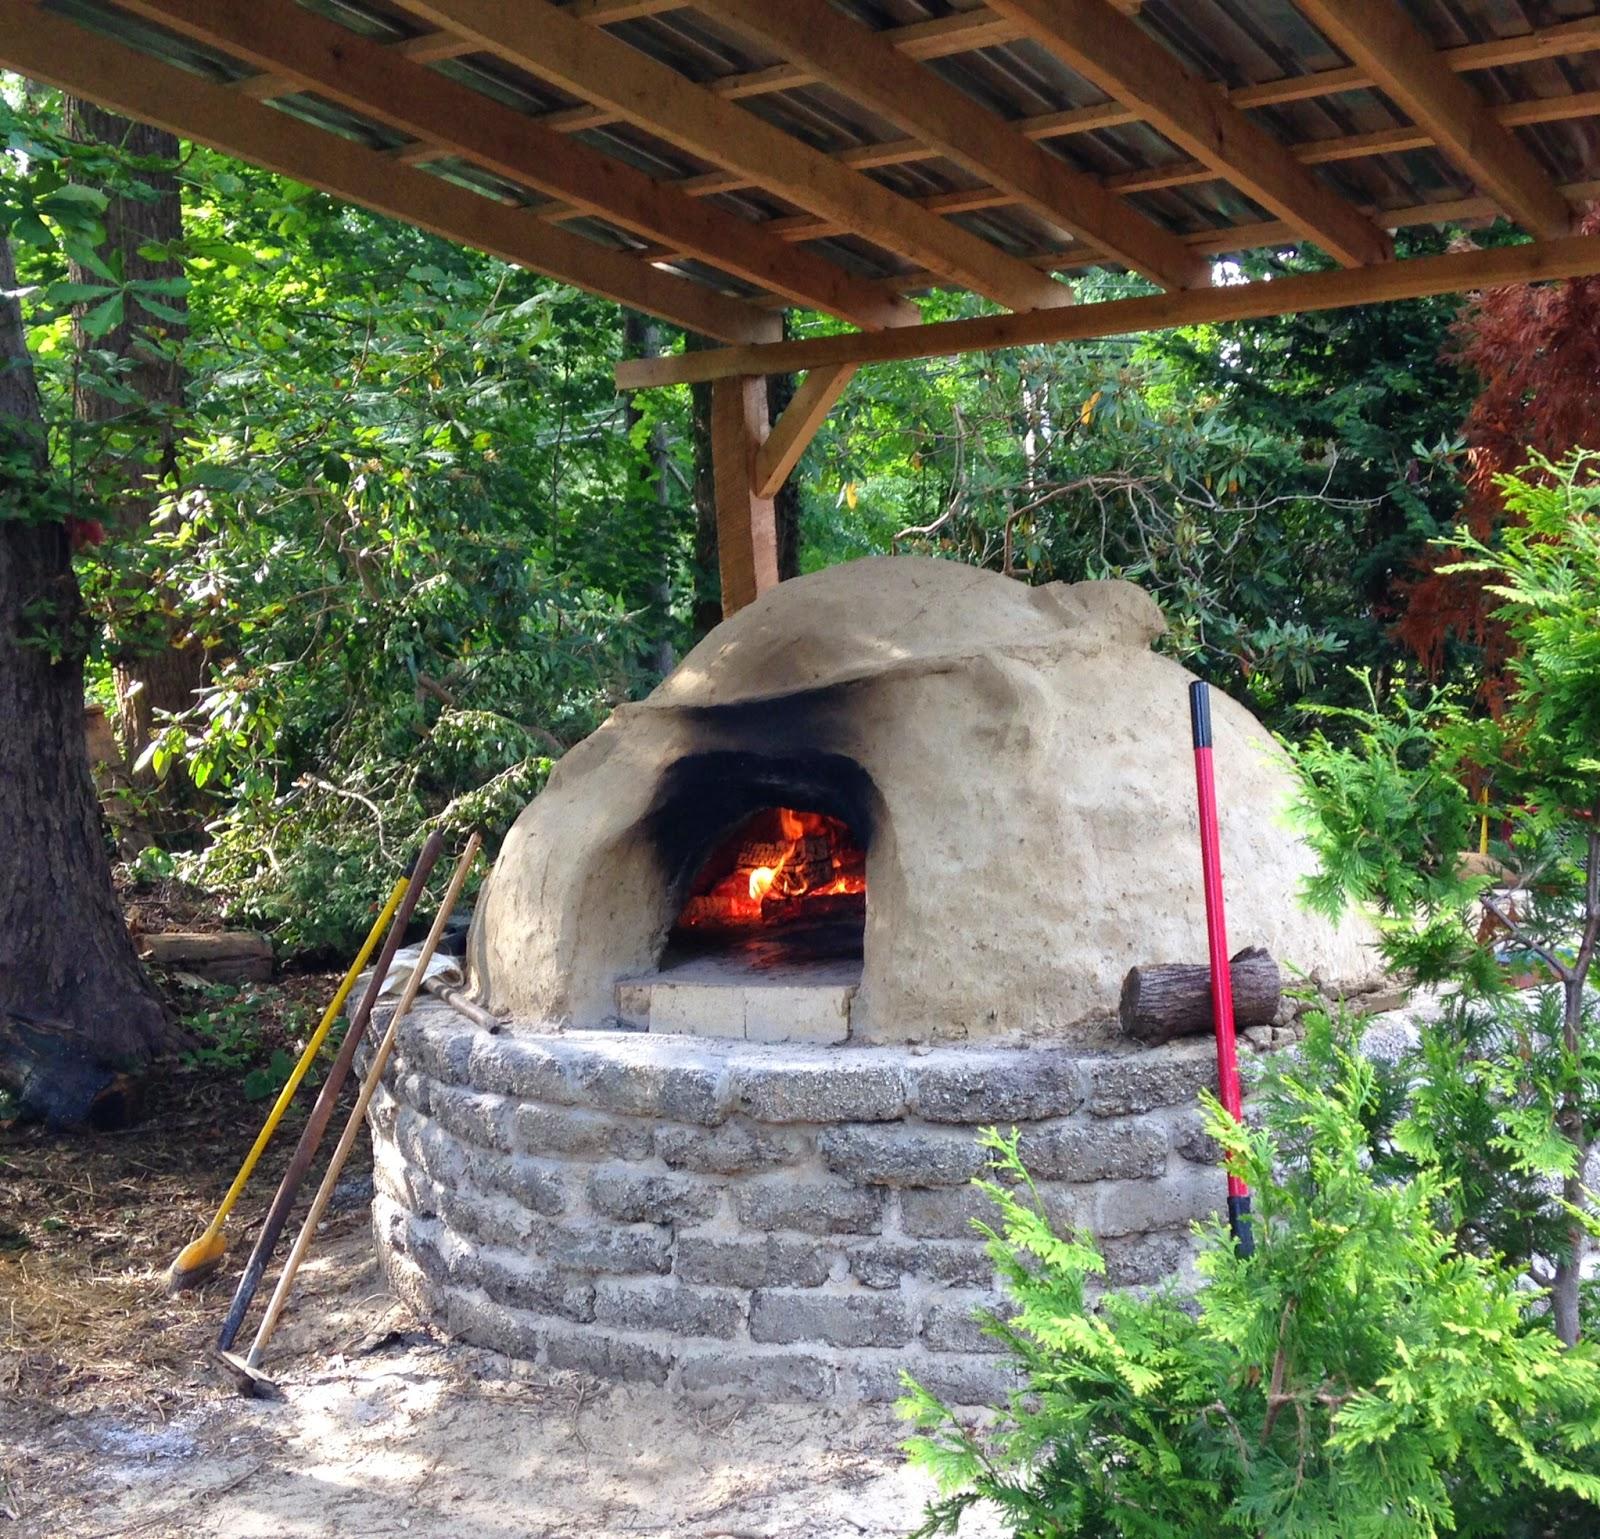 KnitOne,PearlOnion: Backyard Brick Oven Pizza